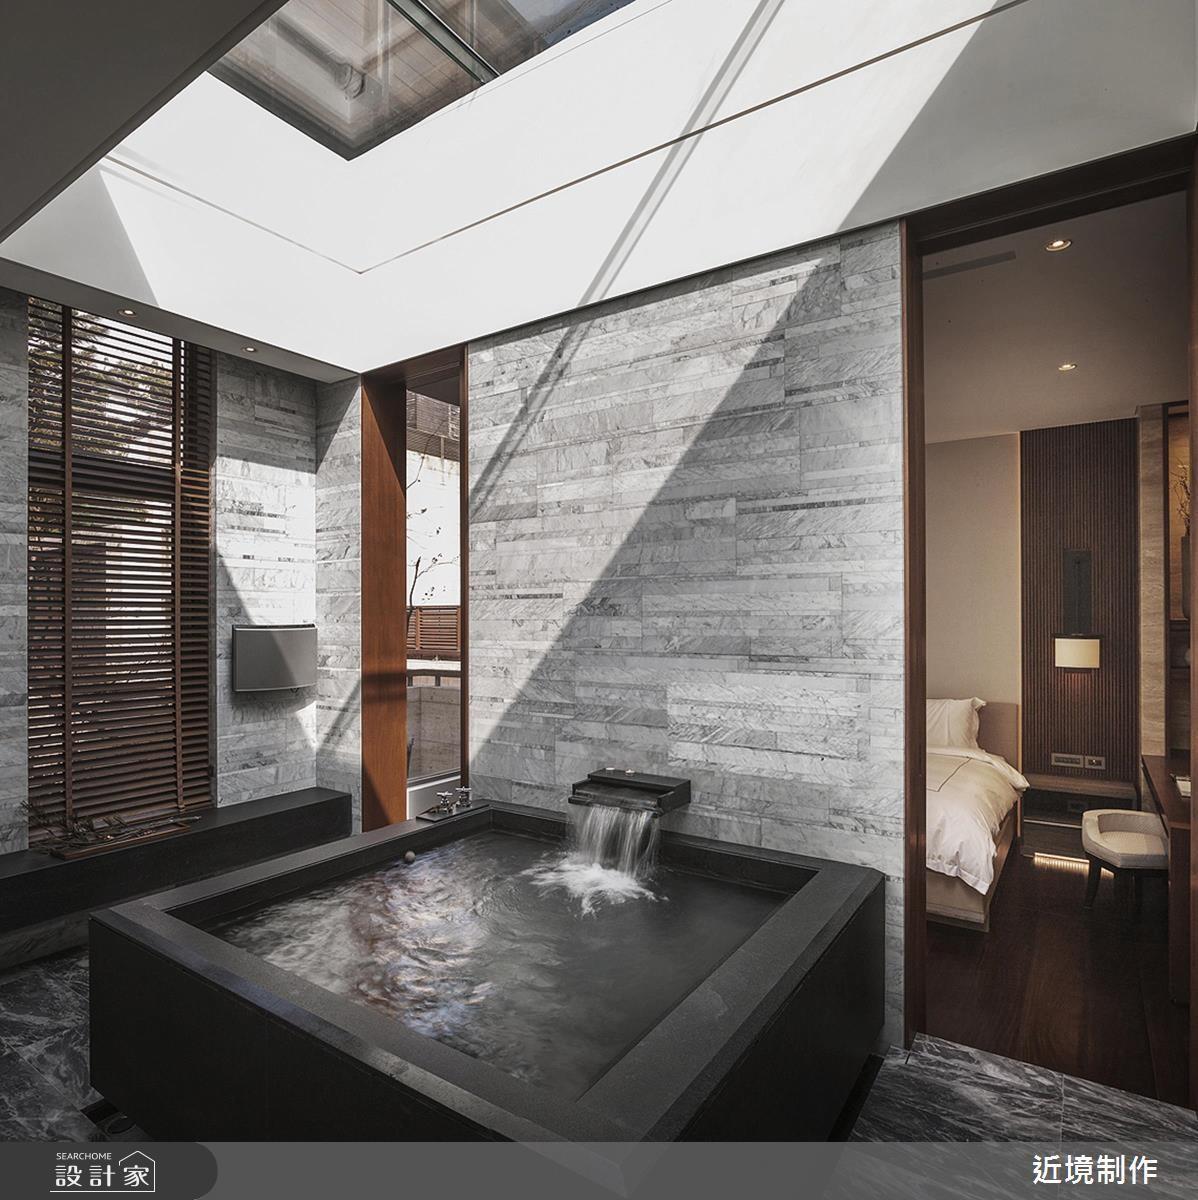 與臥房呈現回字動線設計、又有大量水體需求,非常適合在泡澡後利用暖風機進行後續處理。>> 點此看完整圖庫